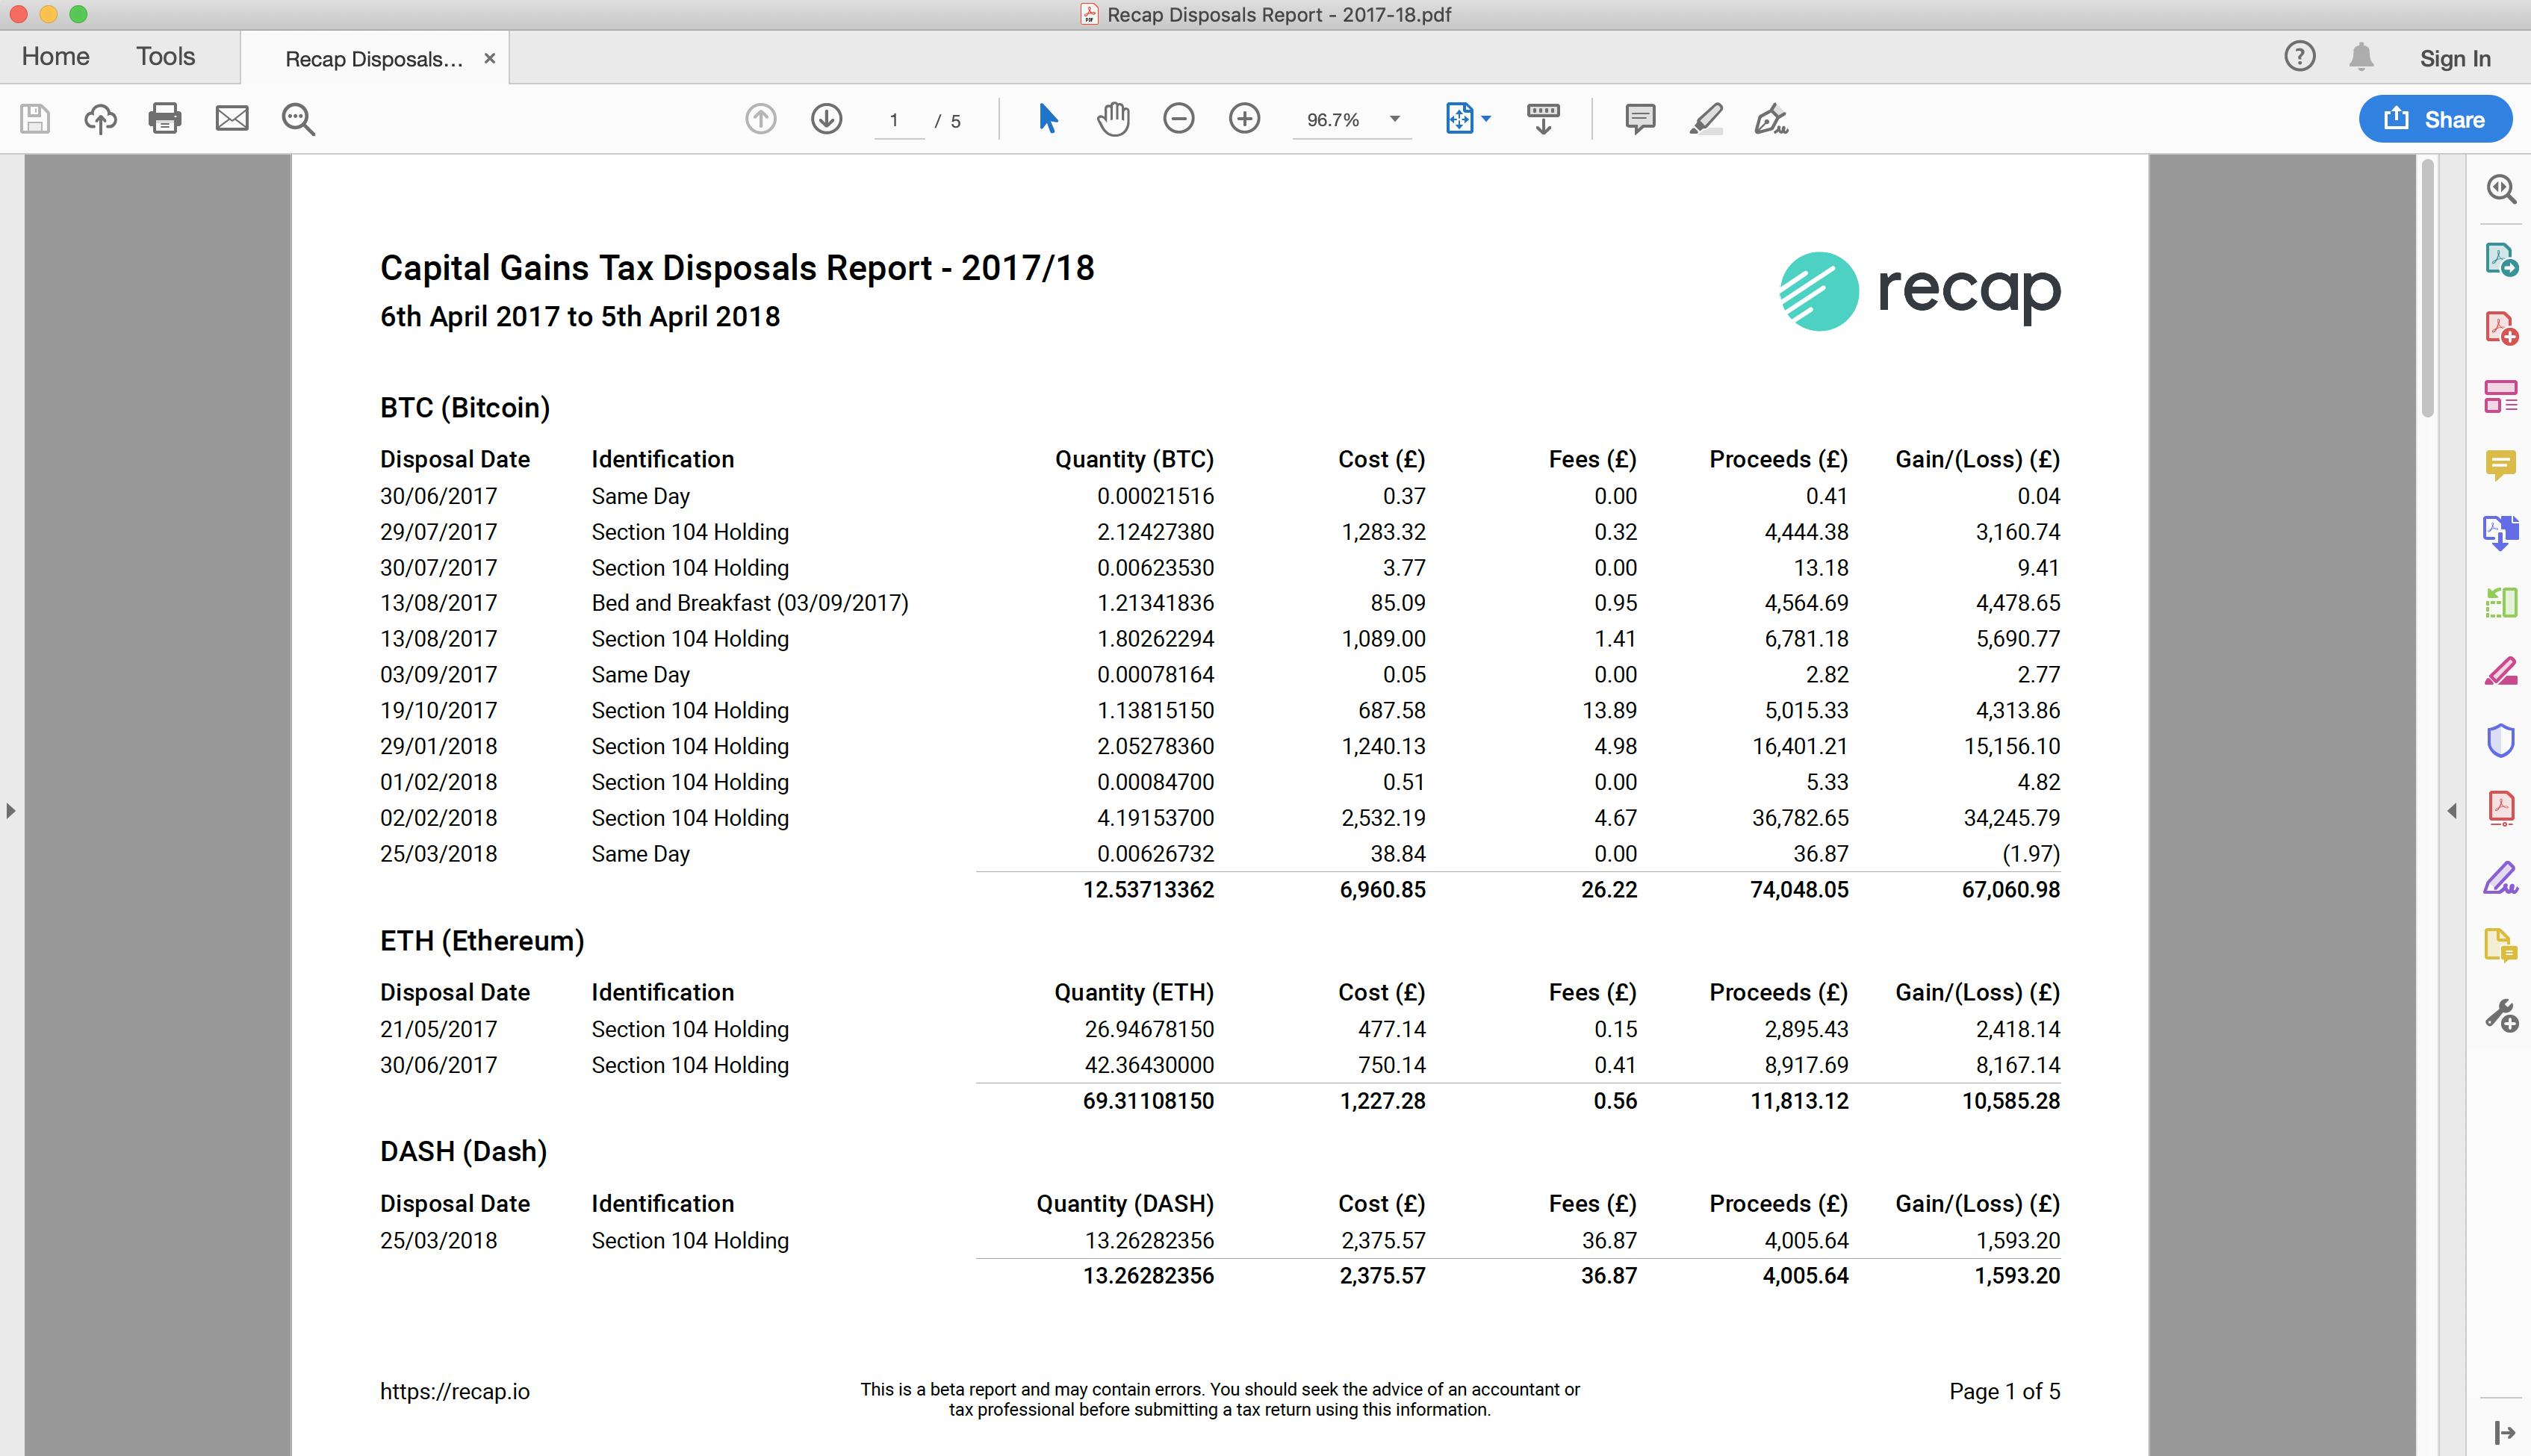 disposals-report-1